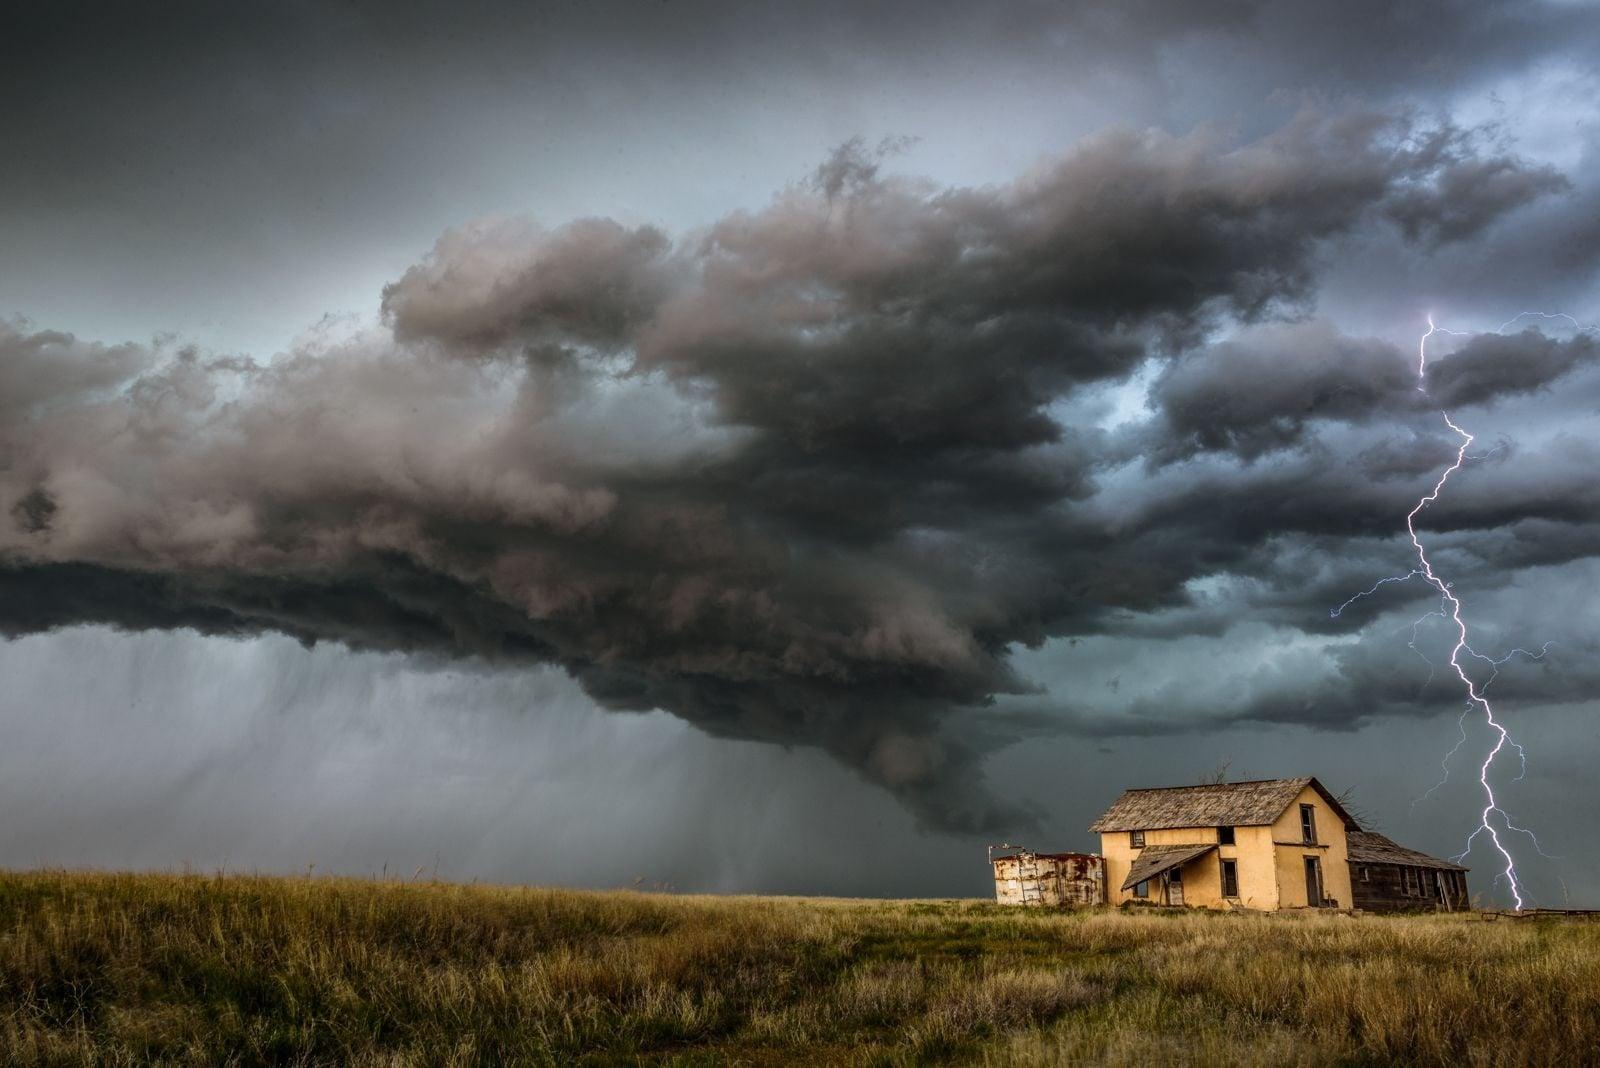 در آب و هوای نامساعد، چگونه عکاسی کنیم؟